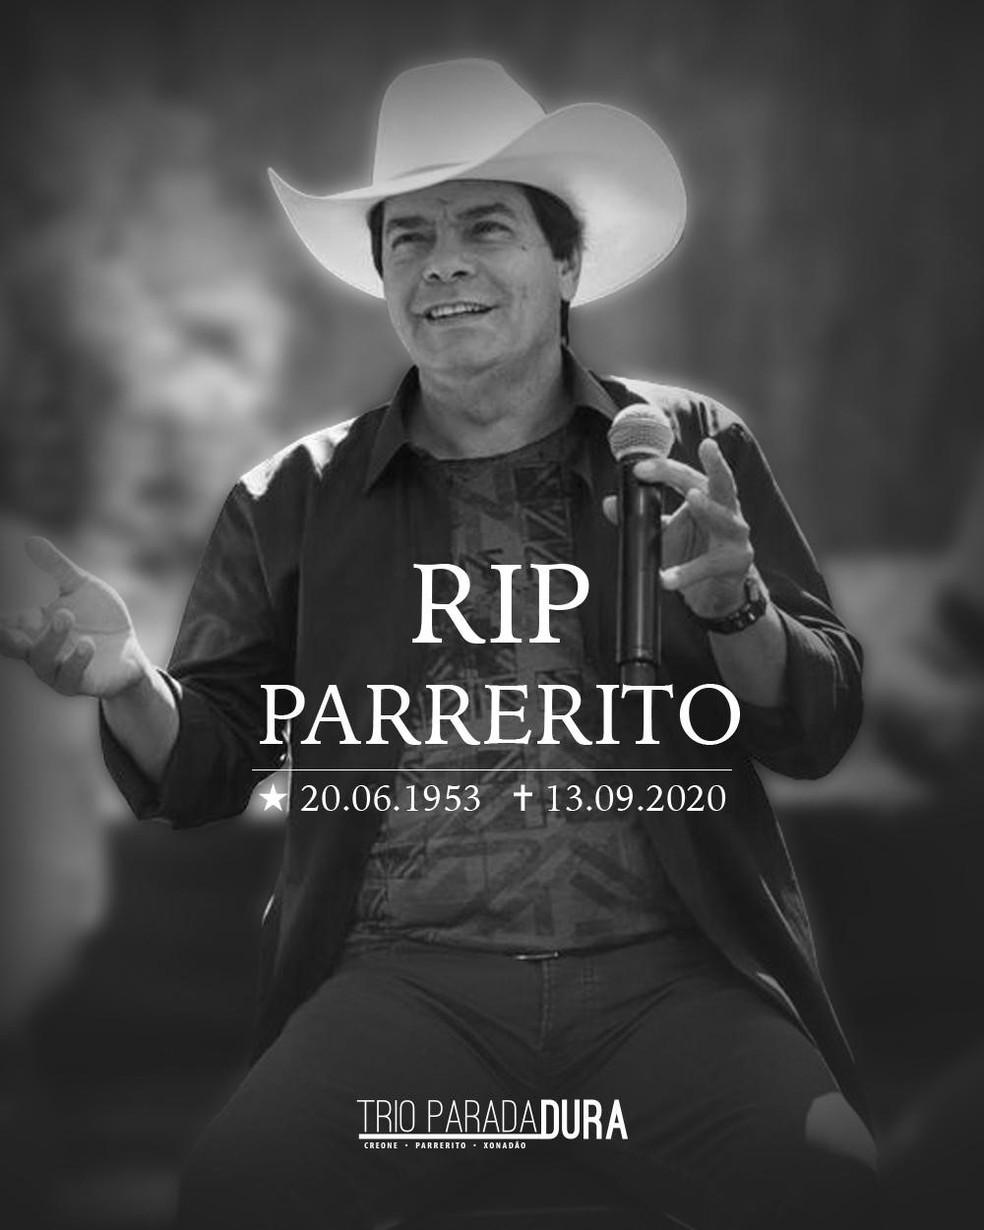 Parrerito, do Trio Parada Dura, morreu neste domingo (13) — Foto: Trio Parada Dura/Divulgação